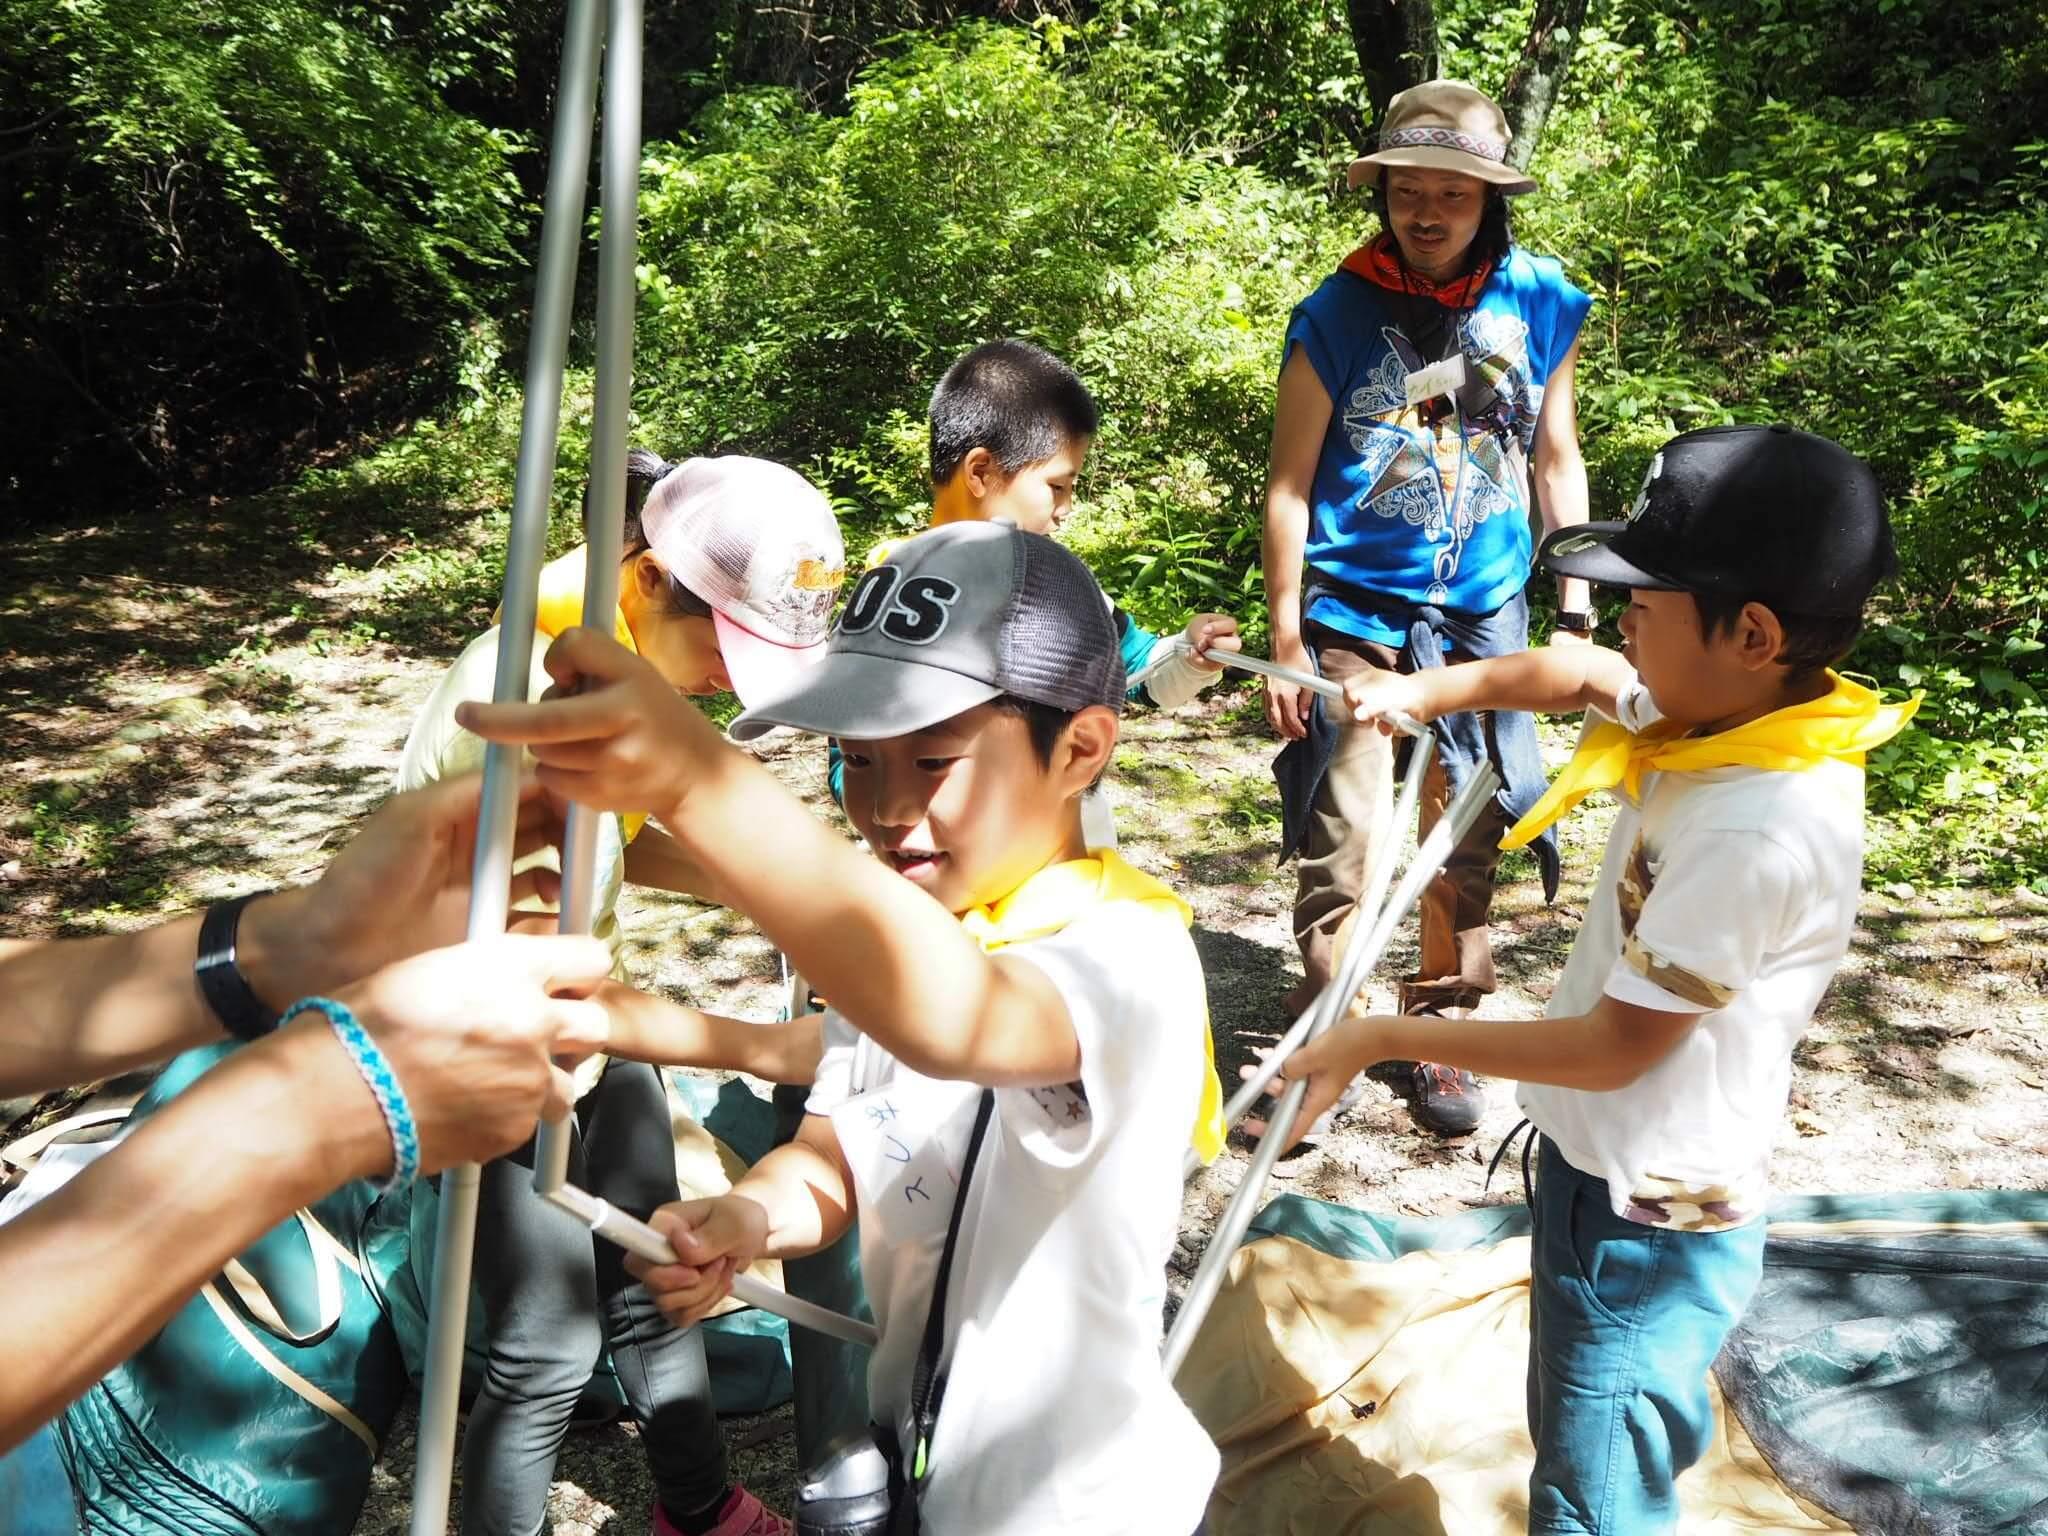 親子・友だち参加OK!DICさくらキャンプ2019年3月!福岡久留米で開催します!